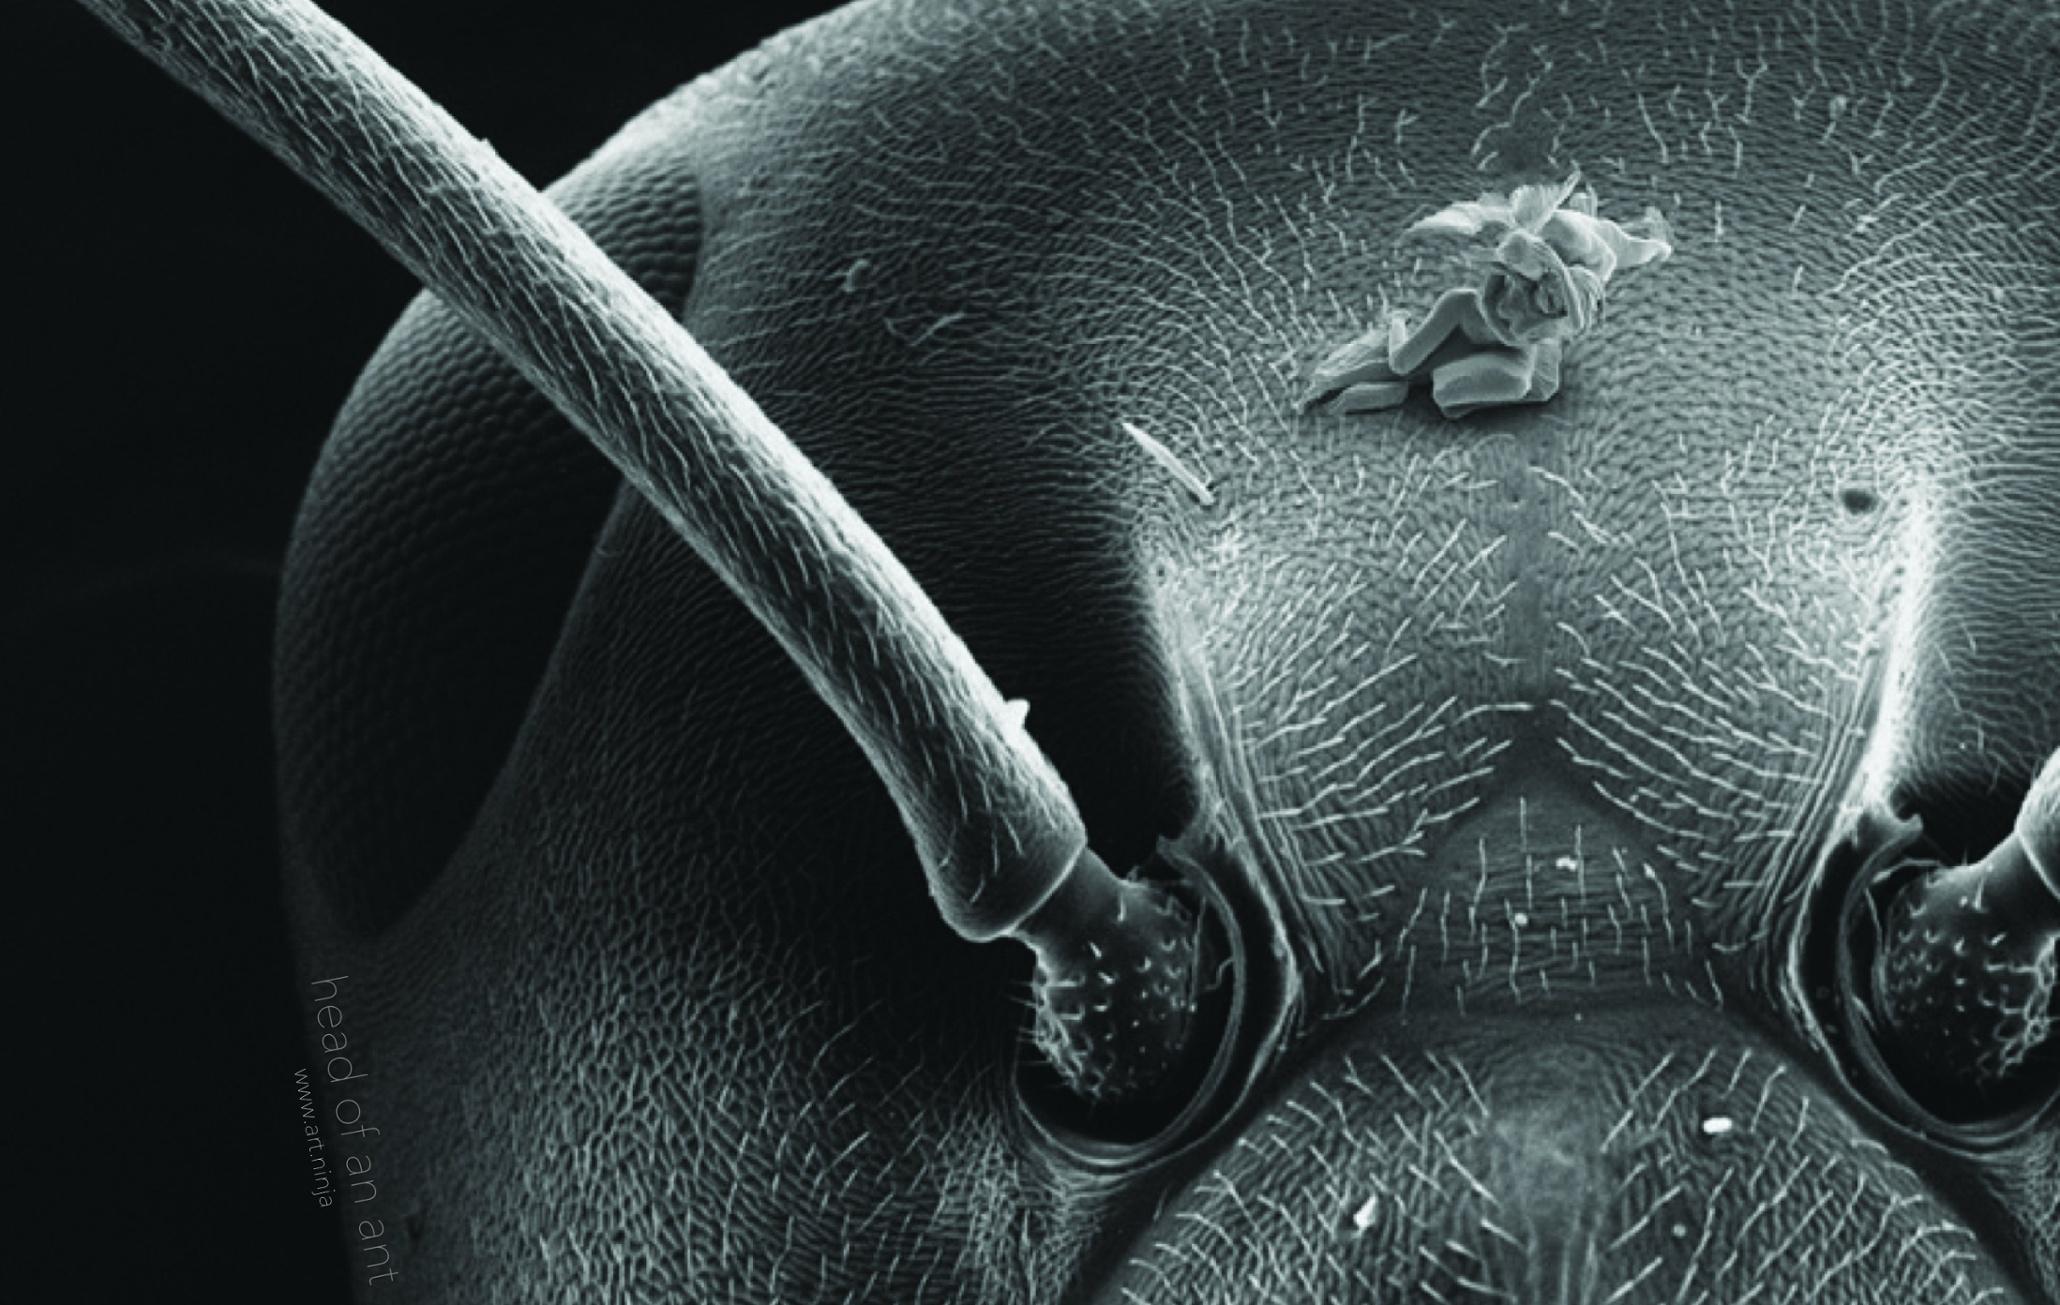 Сперма фото под микроскопом 9 фотография